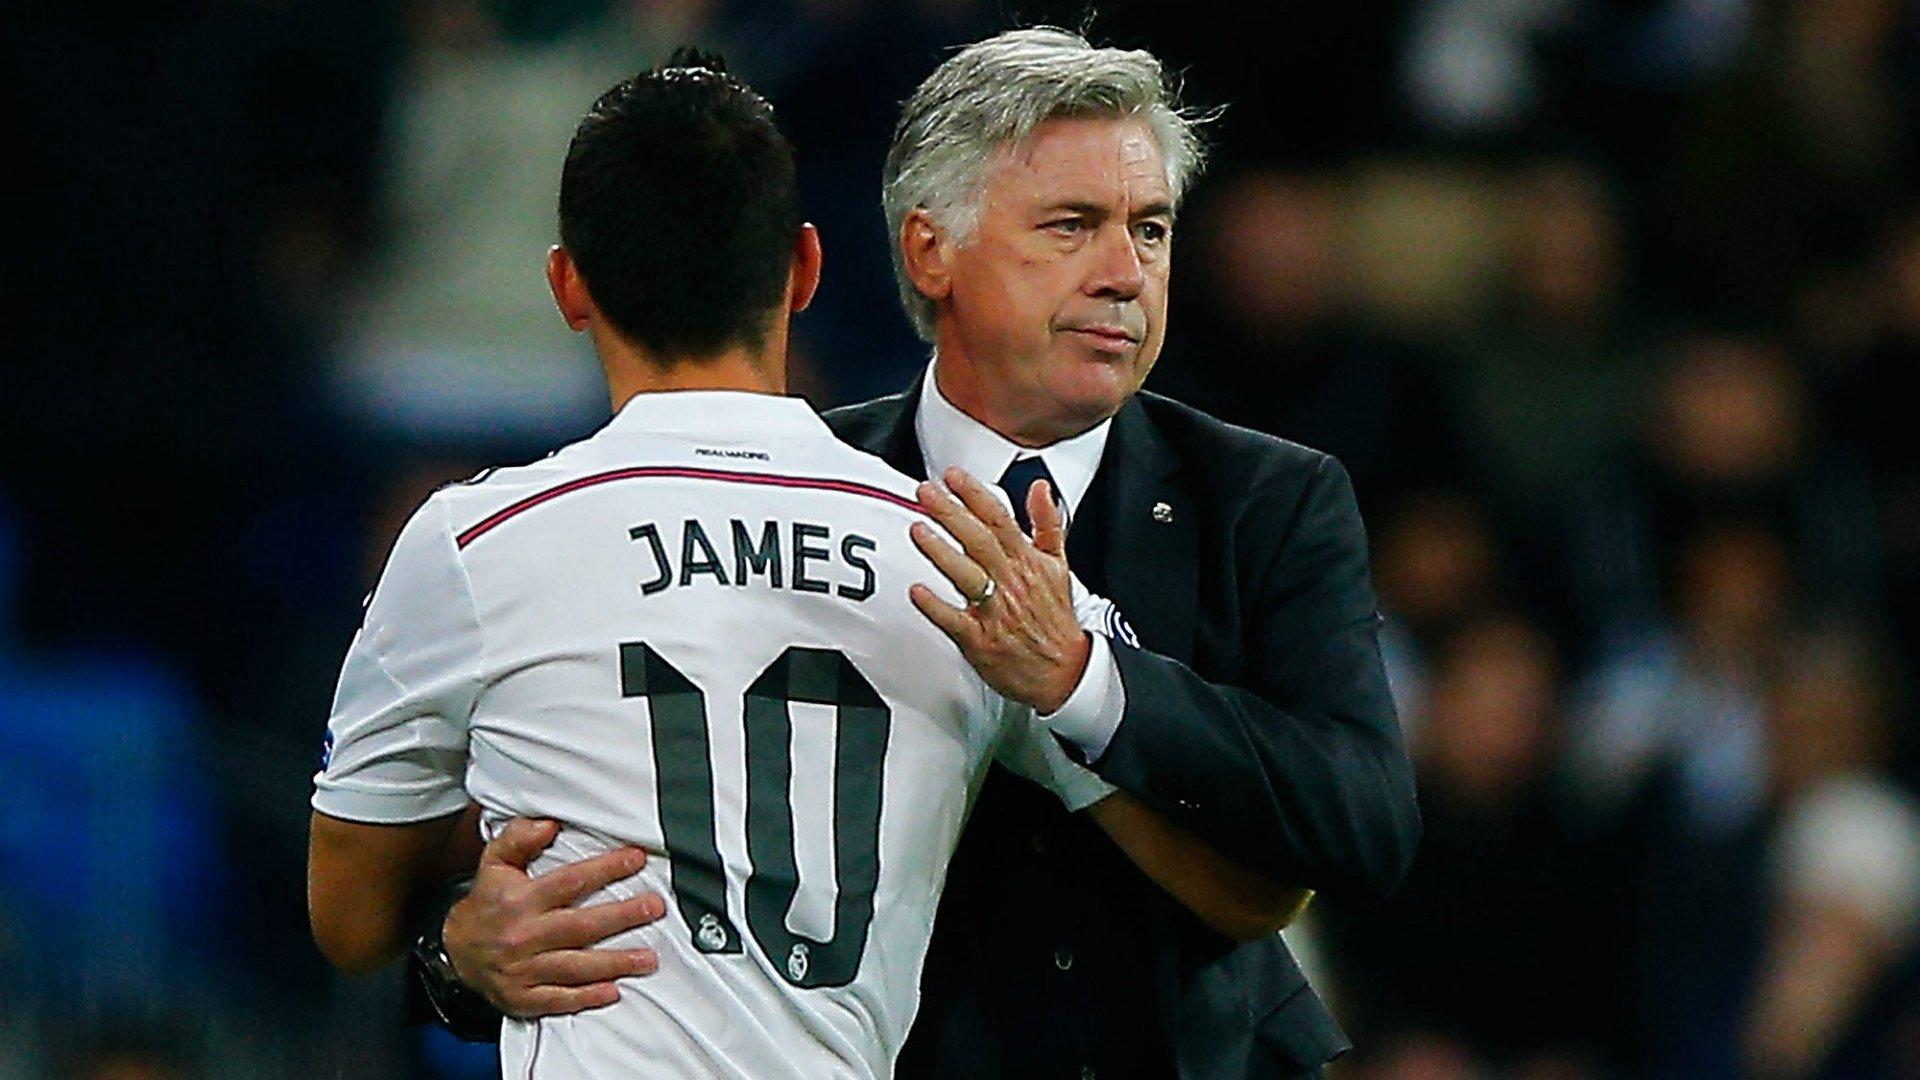 Tuy nhiên, bây giờ Real không còn lực lượng hùng hậu như trong nhiệm kỳ 1 của Ancelotti